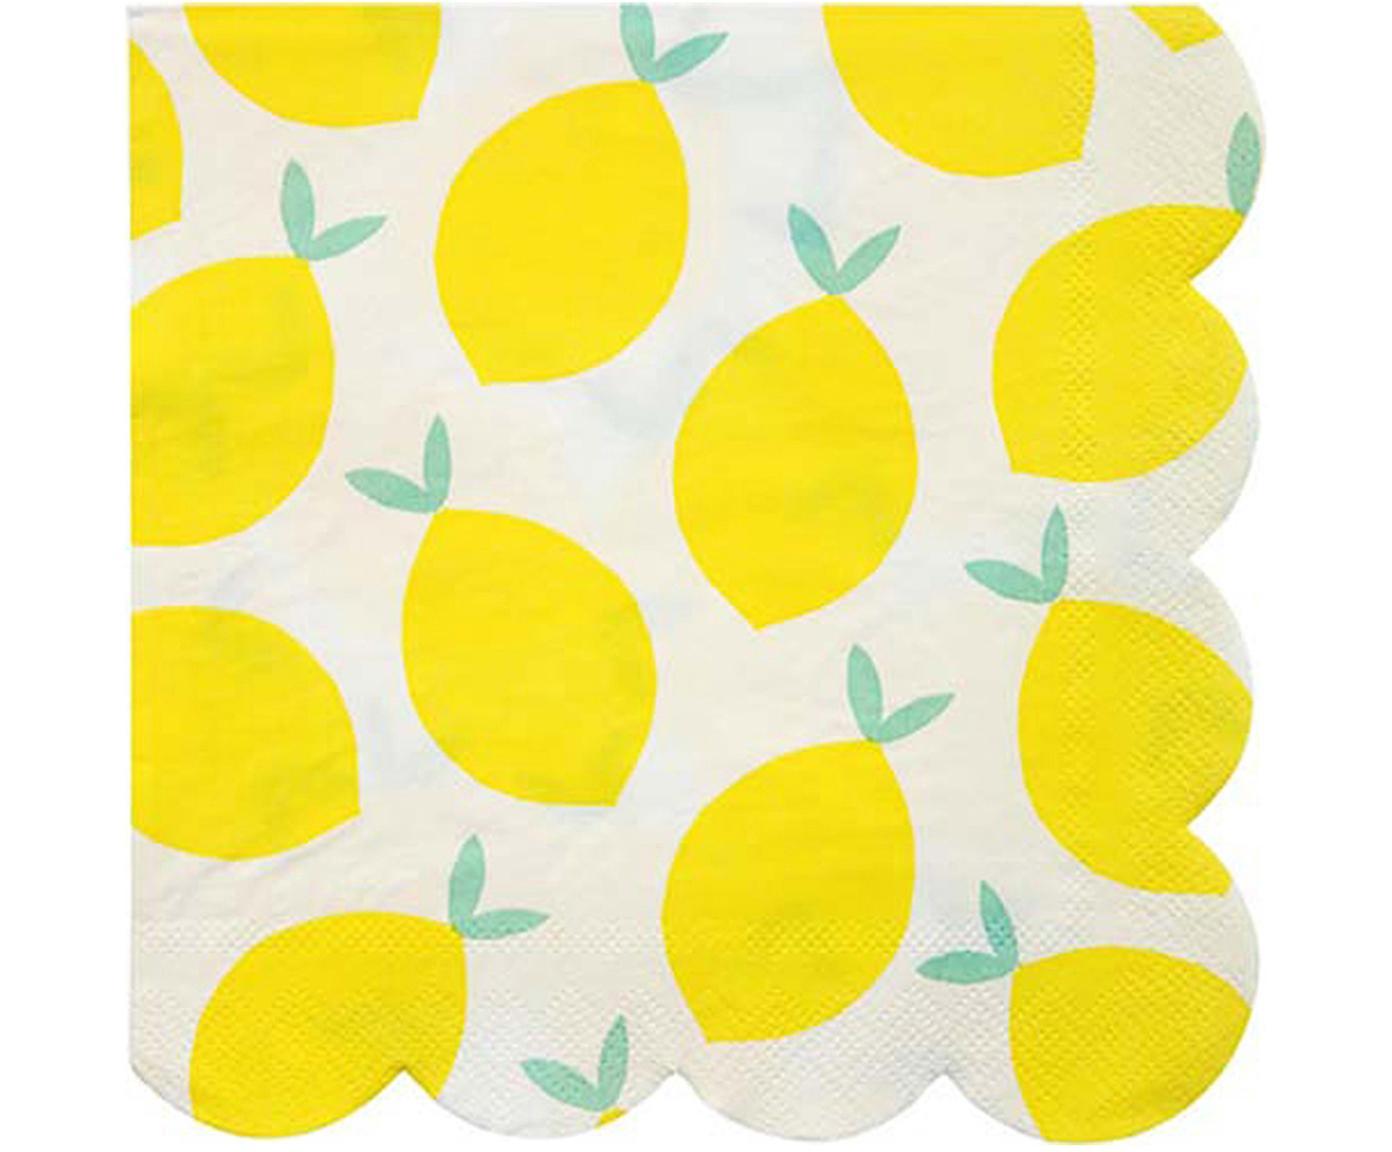 Papieren servetten Lemon, 20 stuks, Papier, Wit, geel, groen, 33 x 33 cm